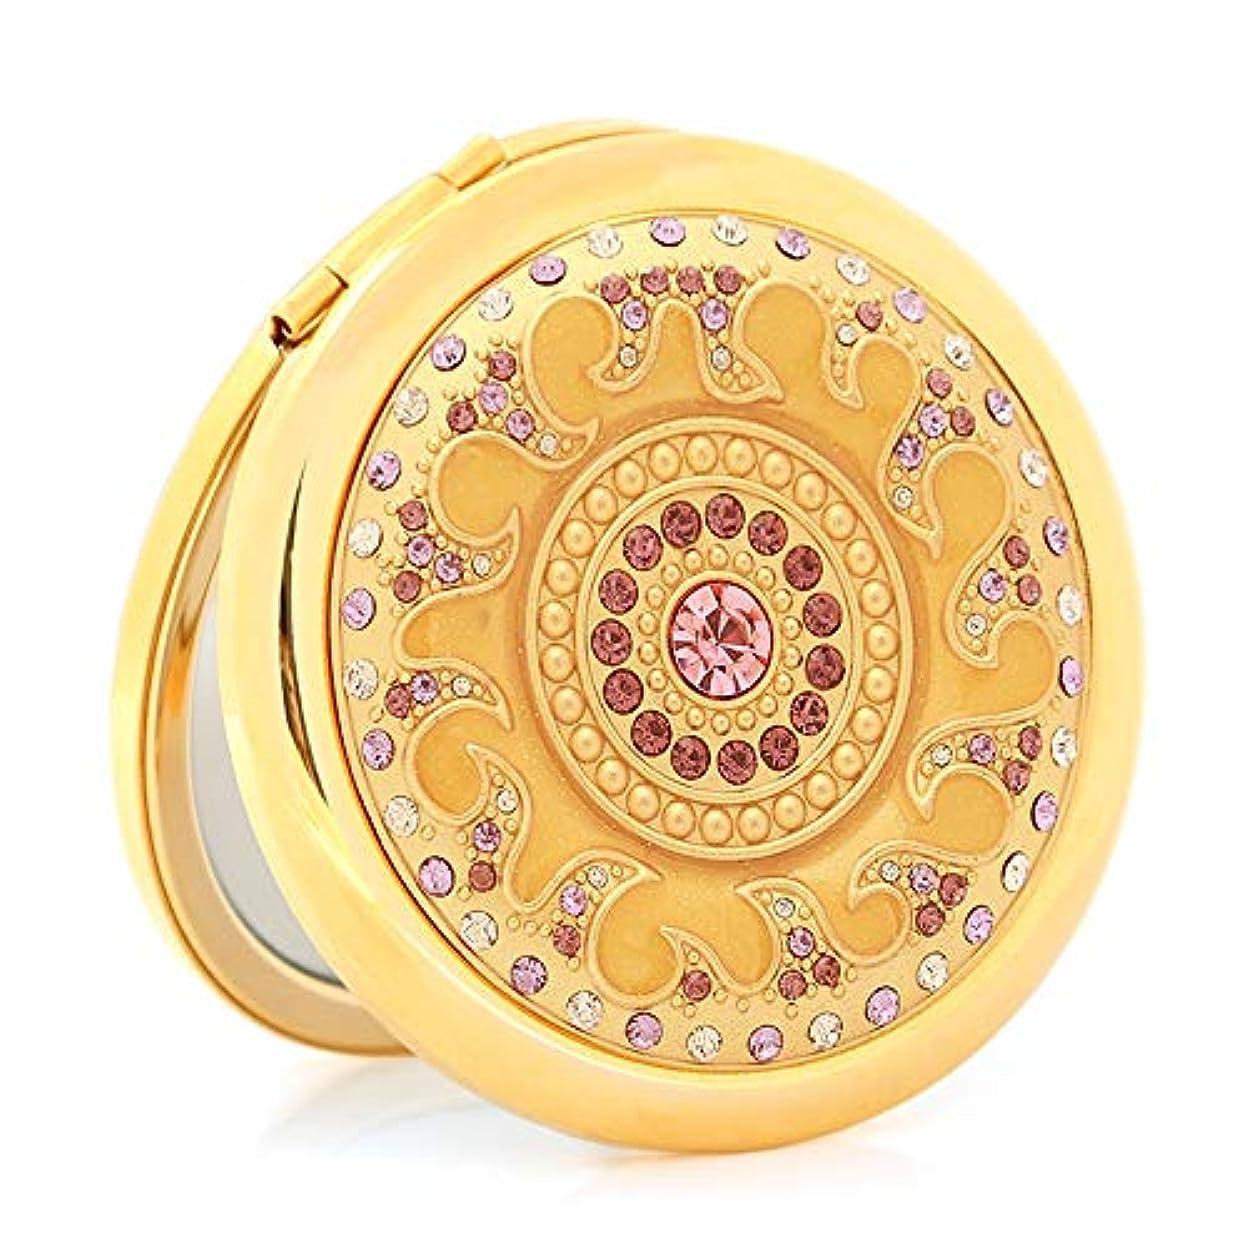 宗教空中包括的流行の ダイヤモンド両面折りたたみポータブルポータブルミラービジネスギフトクリエイティブ実用的な小さなミラー